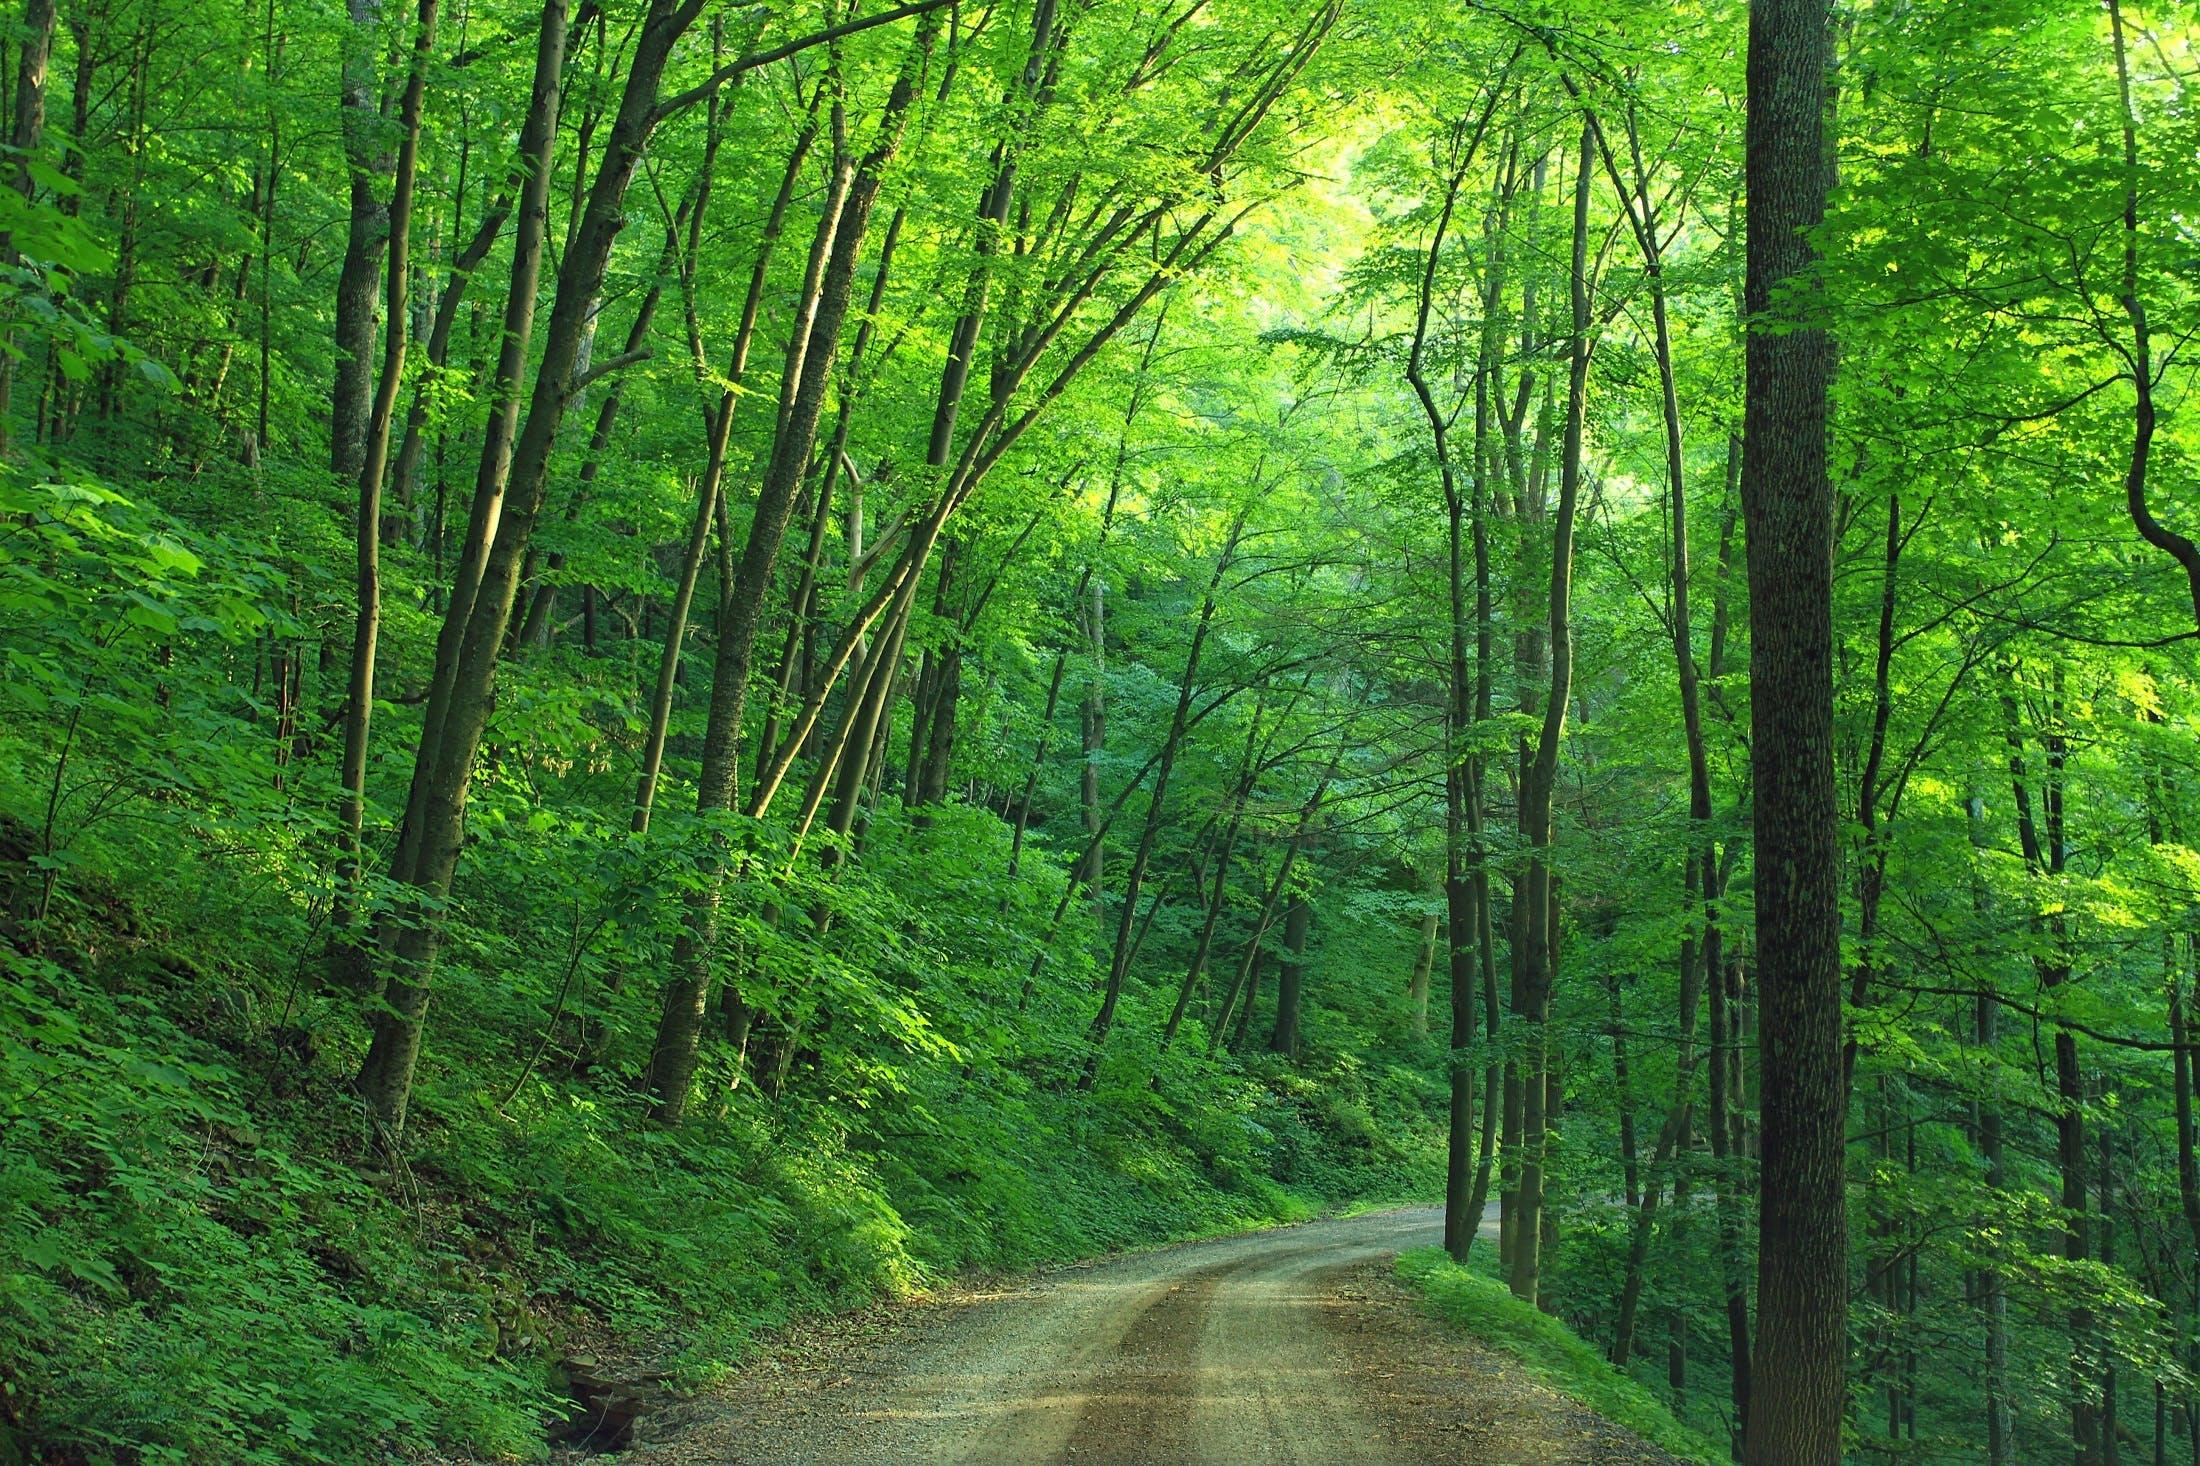 Kostenloses Stock Foto zu straße, landschaft, wald, bäume